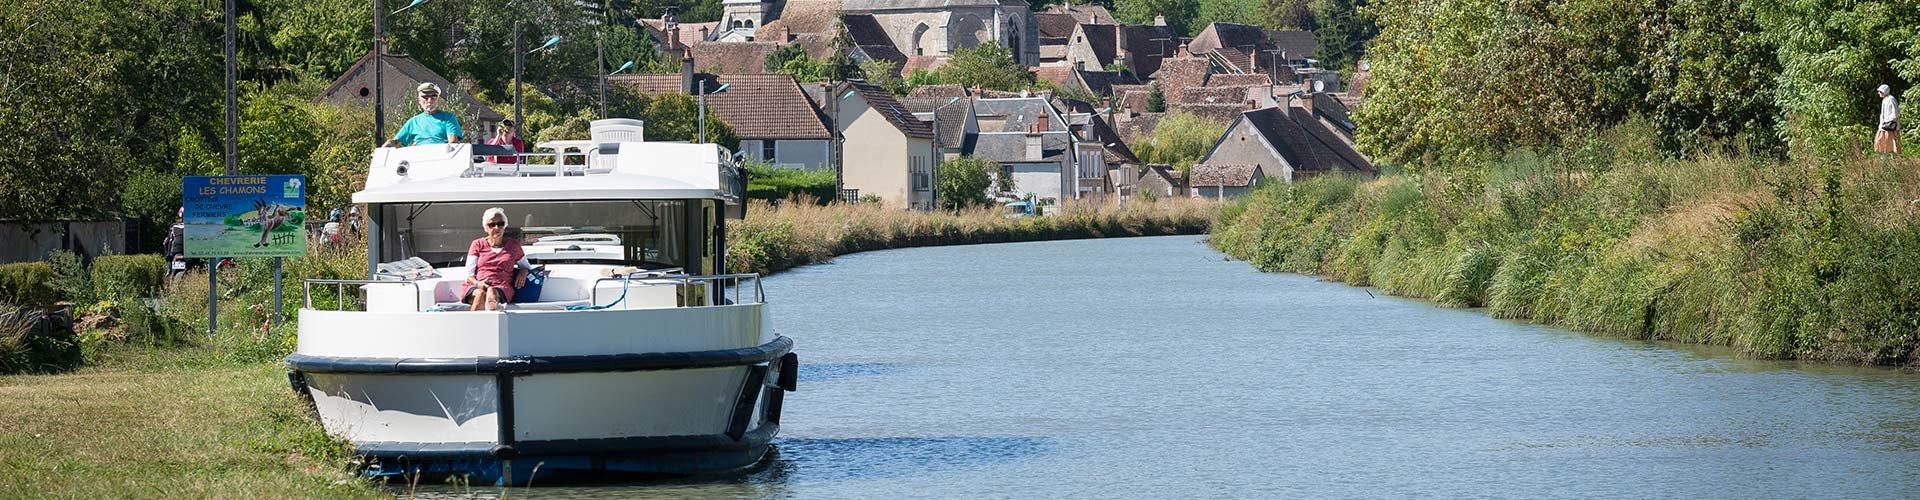 Croisière & Location Bateau sans permis Bourgogne